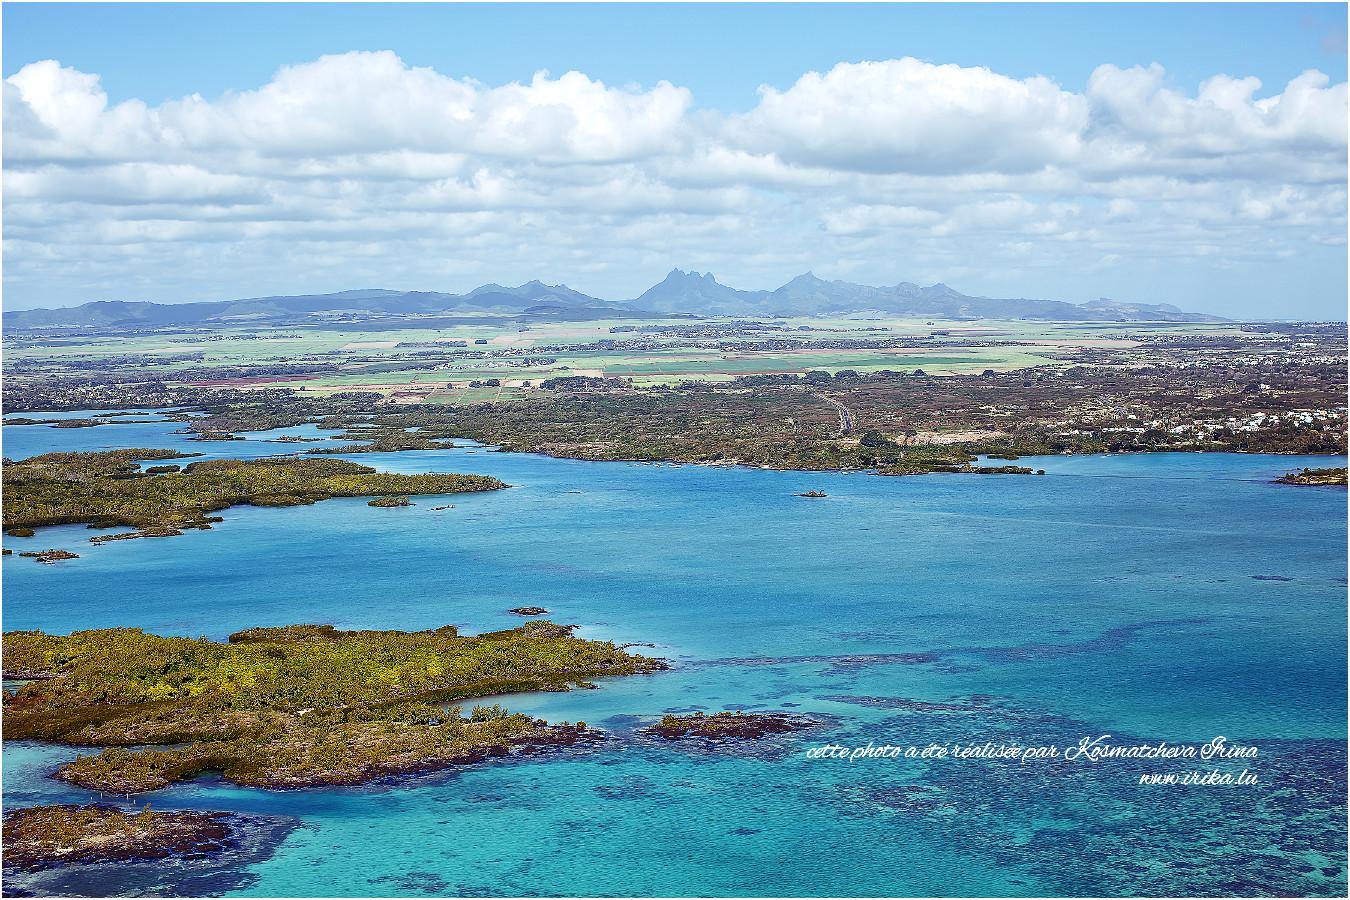 Île Maurice, survol de la baie Grand Gaube